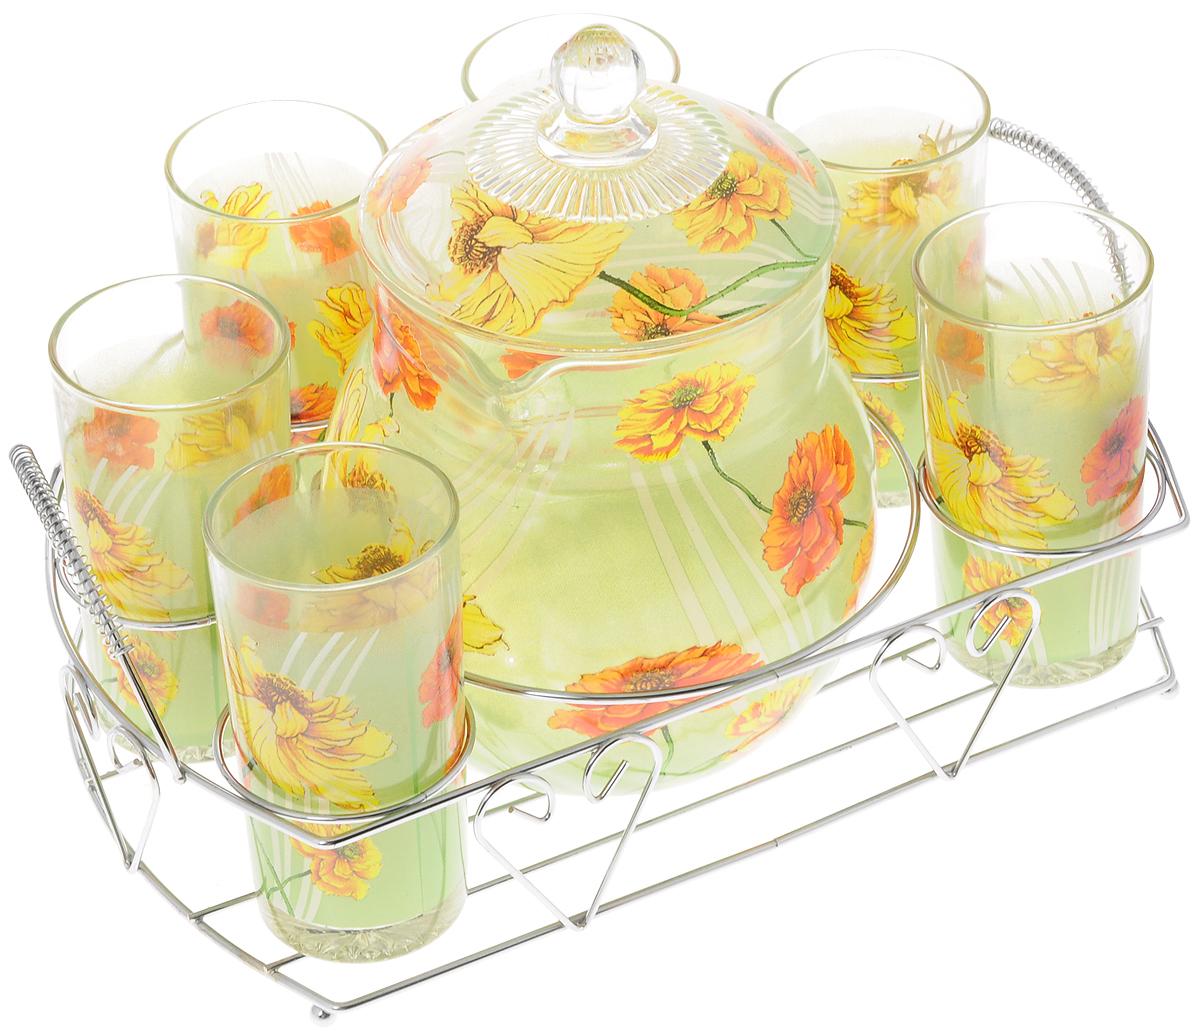 """Набор Bekker """"Маки"""" состоит из шести высоких  стаканов и графина с крышкой. Посуда выполнена из  высококачественного стекла в элегантном дизайне с  рисунком в виде цветов. Предметы набора  располагаются на изящной металлической подставке с  двумя ручками.  Благодаря такому набору пить напитки будет еще  вкуснее. Он украсит сервировку стола, а также станет  отличным подарком на любой праздник. Предметы набора можно мыть в посудомоечной  машине. Высота стенки графина: 14 см. Диаметр графина по верхнему краю: 11,5 см. Объем графина: 1,6 л. Диаметр стакана по верхнему краю: 6 см. Высота стакана: 12 см. Объем стакана: 252 мл.  Размер подставки: 30 х 23,5 х 11 см."""